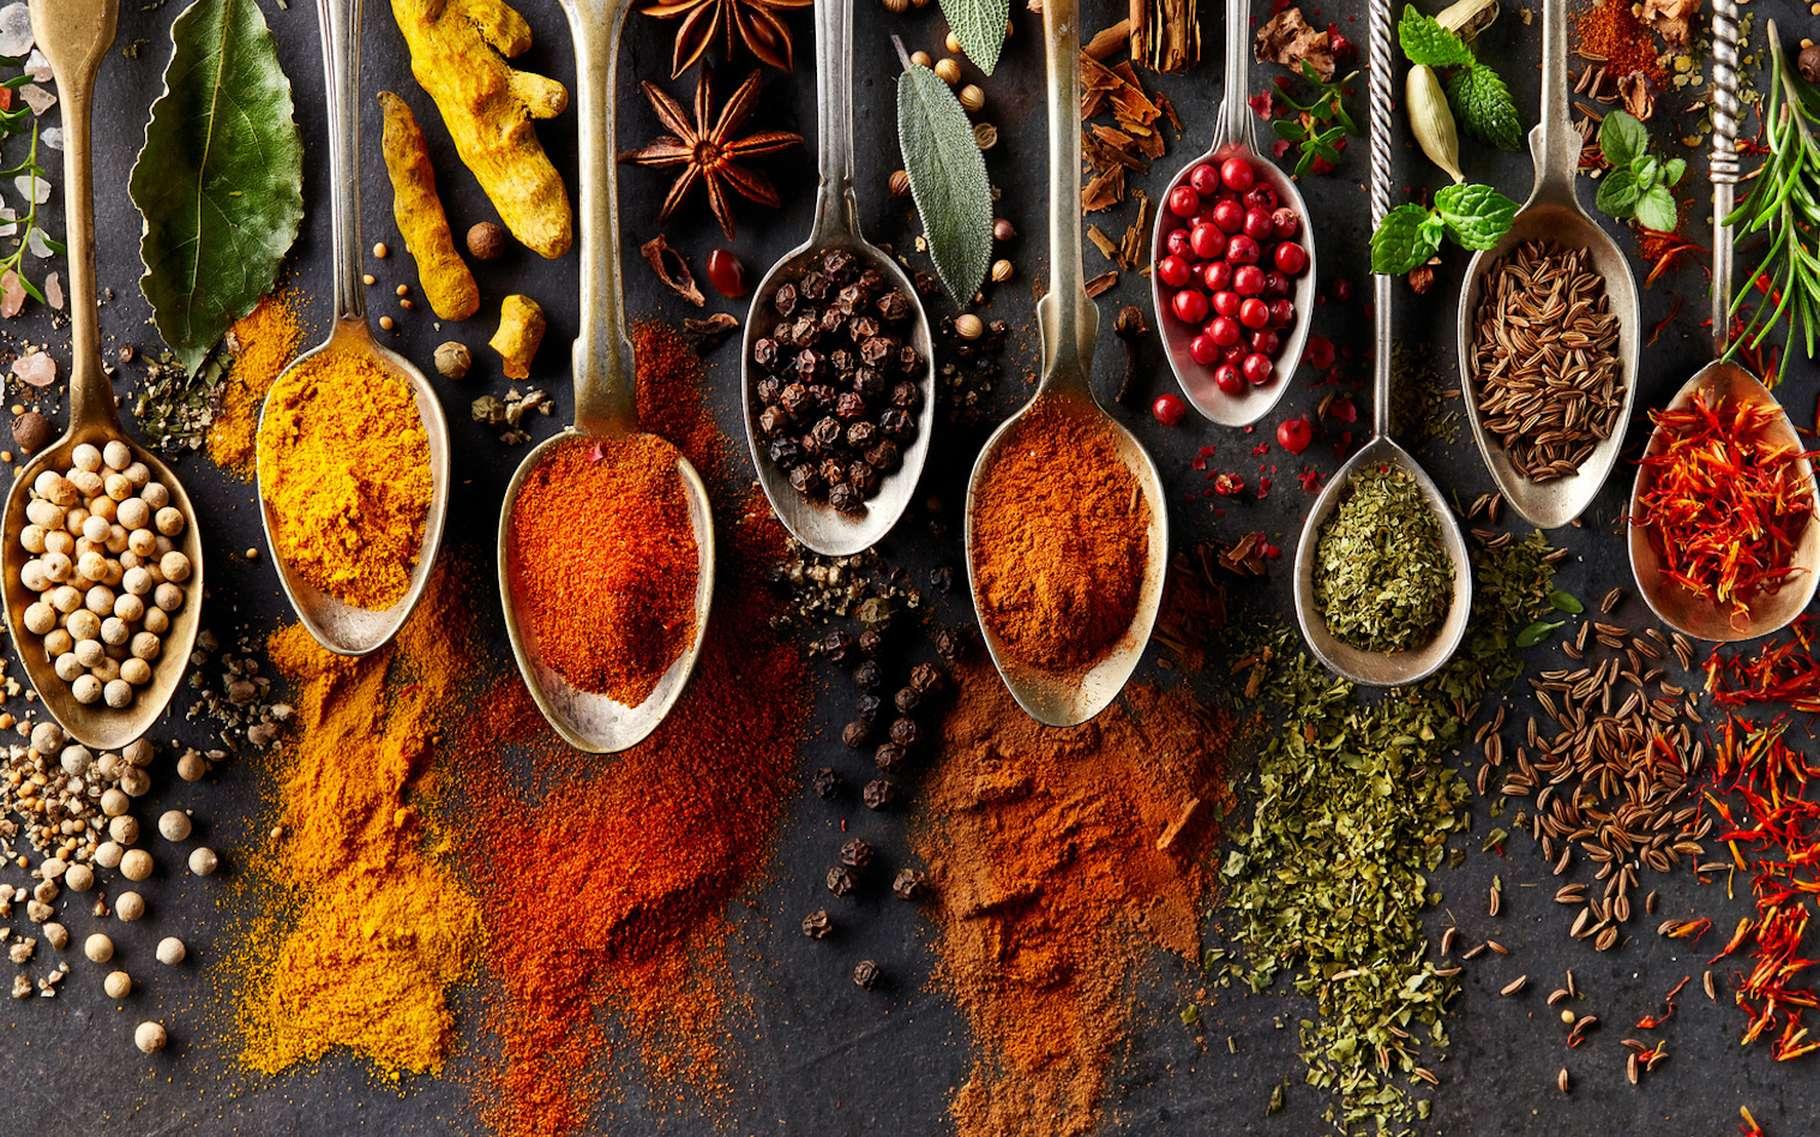 Les épices sont des aliments qui ne se périment jamais. Tout au plus perdent-elles un peu de leur goût… © Dionisvera, Fotolia